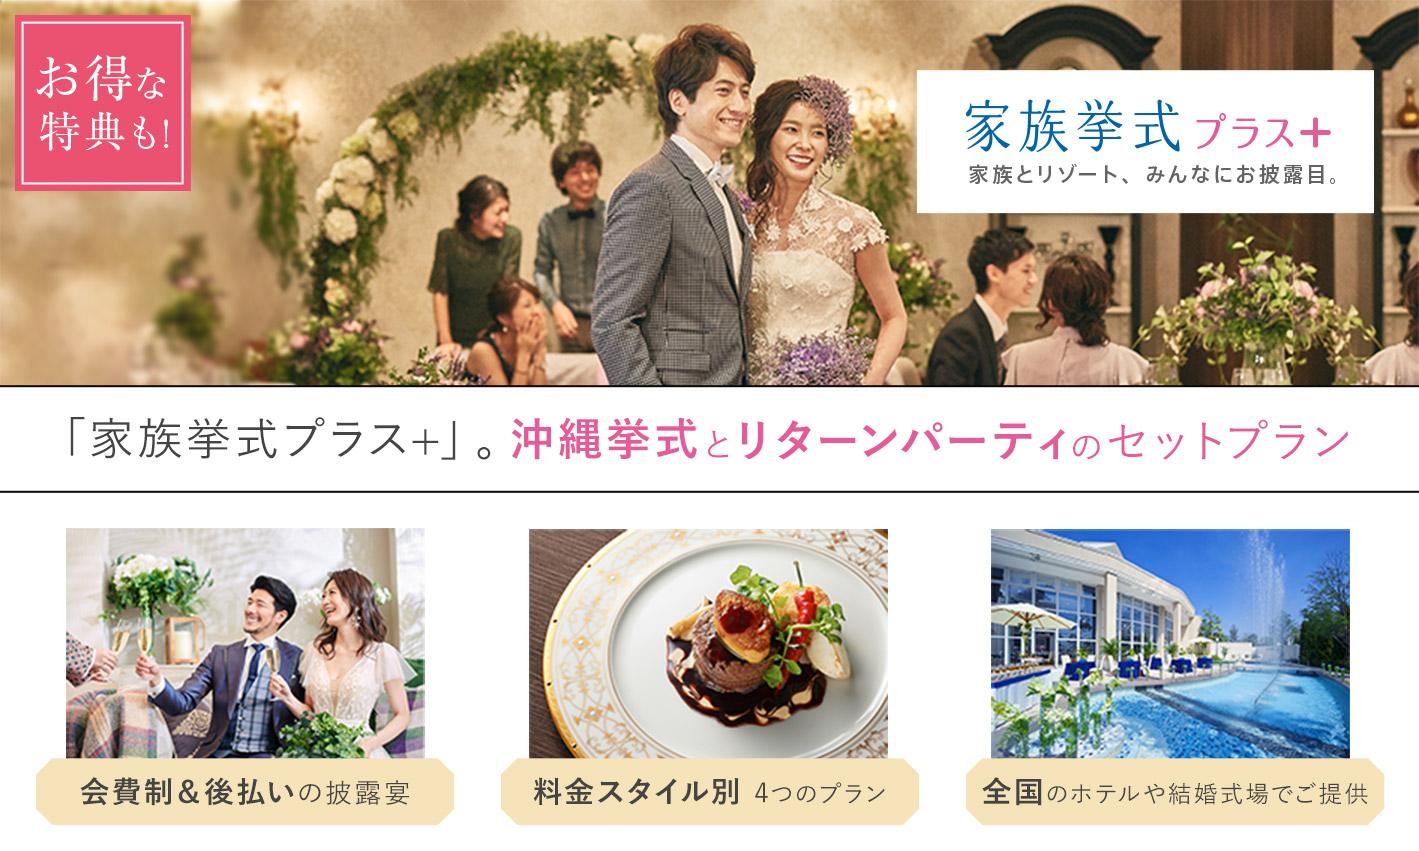 家族挙式プラス+ 沖縄挙式とリターンパーティーのセットプラン